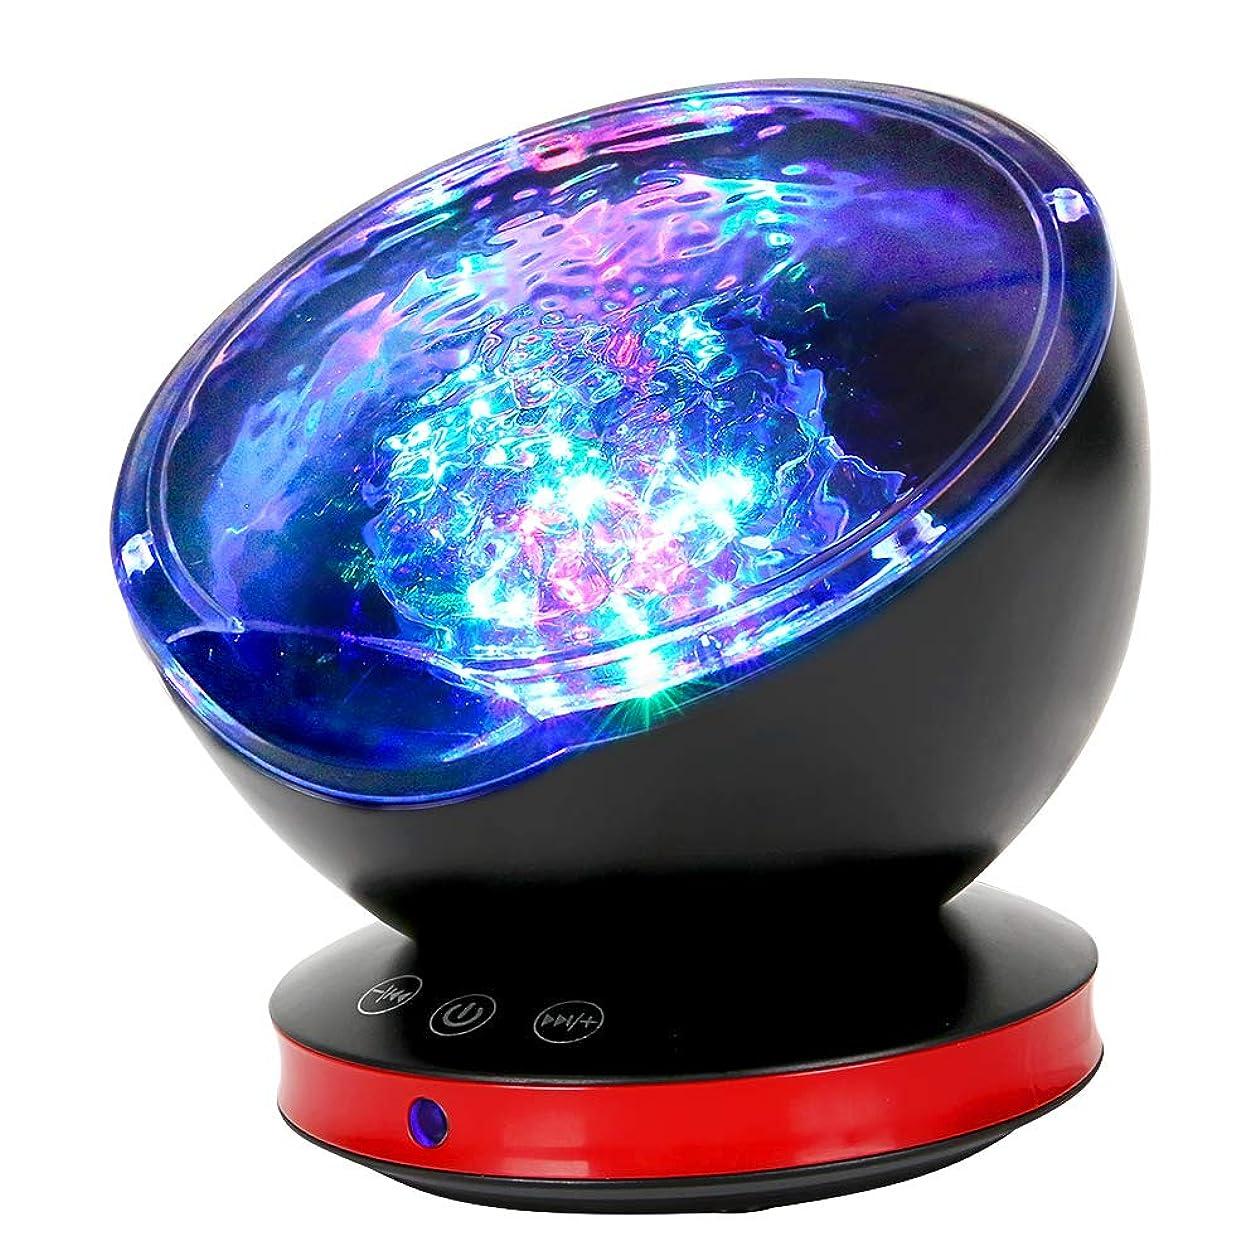 大学生嫌がる説明するQCY 海洋プロジェクターライト 8種点灯モード 6種音内蔵 USB給電 輝度/角度調整可 スピーカー搭載 ブラック